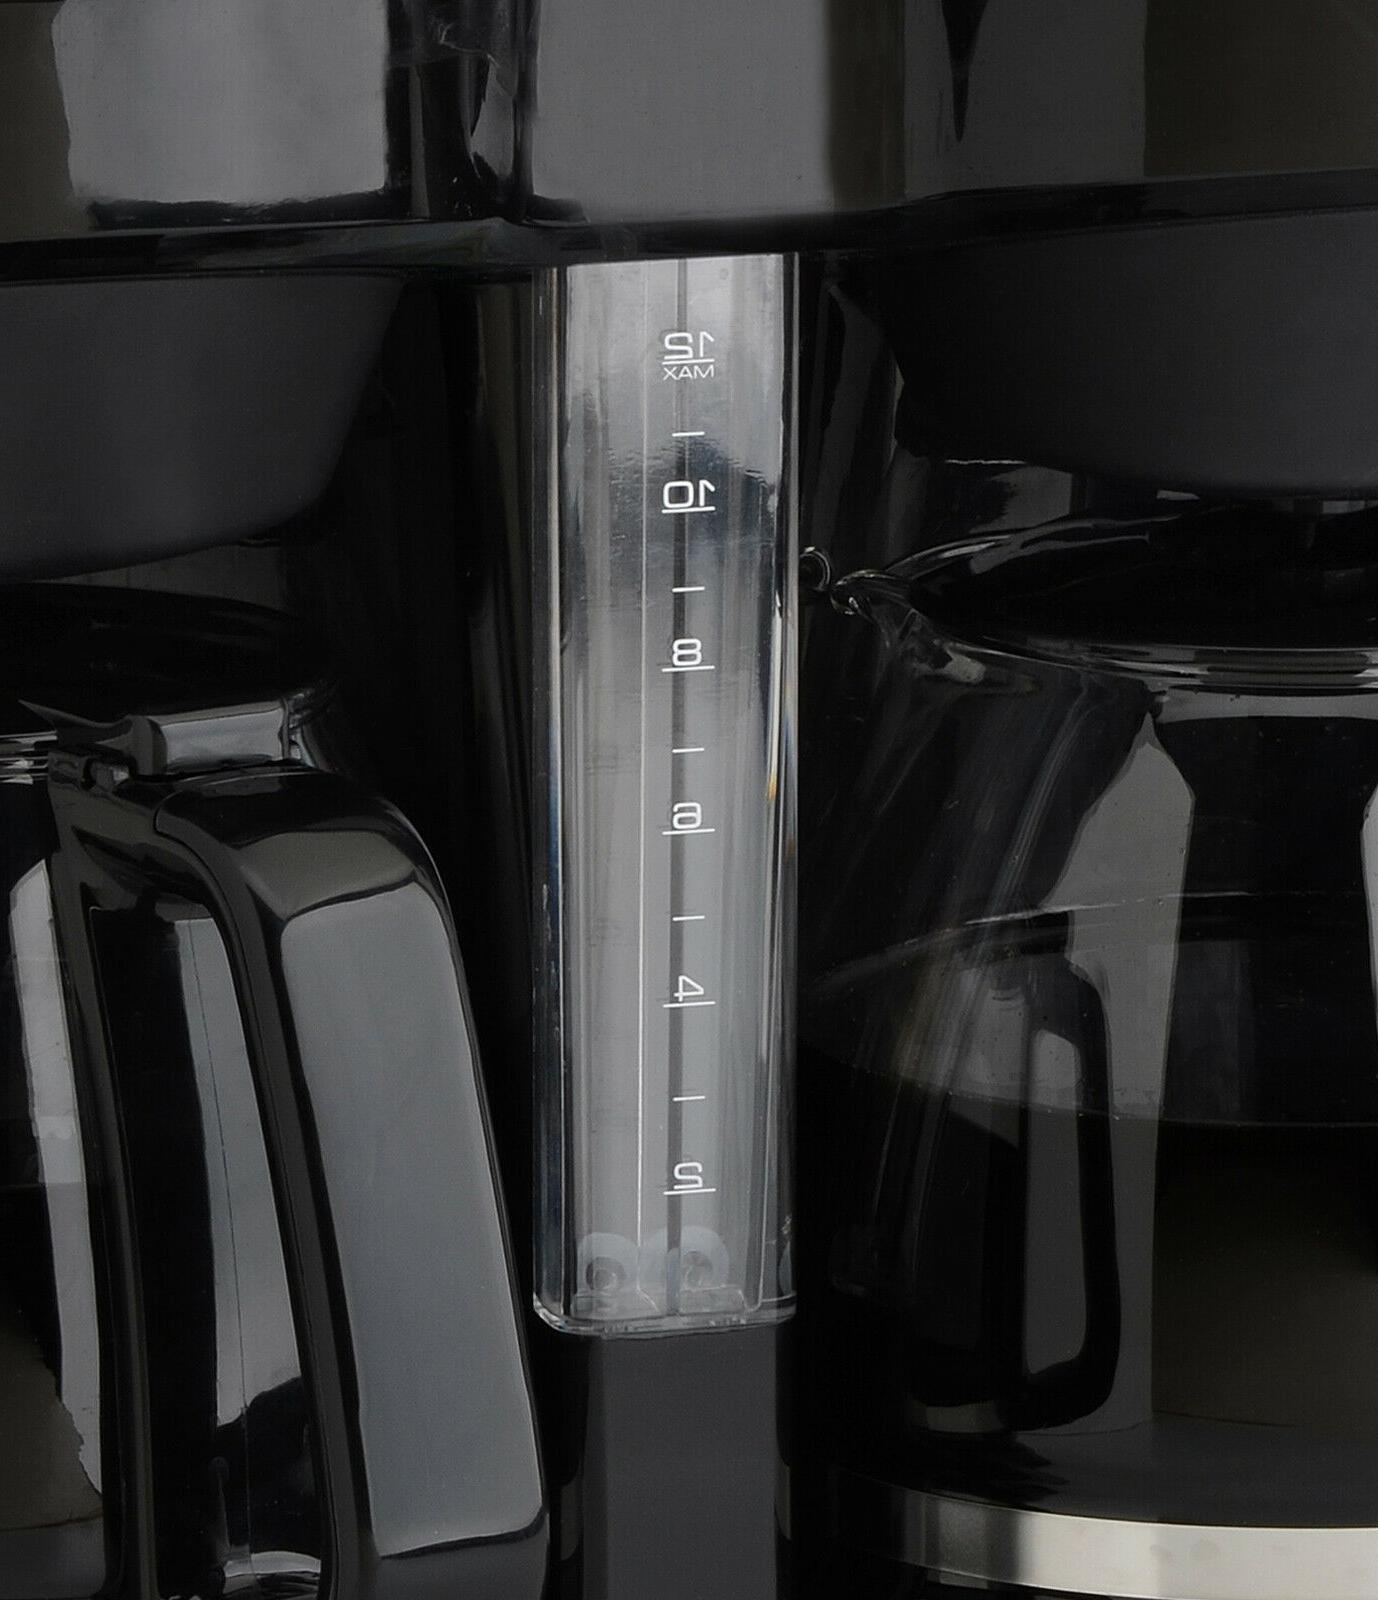 Coffee Maker Carafe Dual Pots Brewer Machine Kitchen